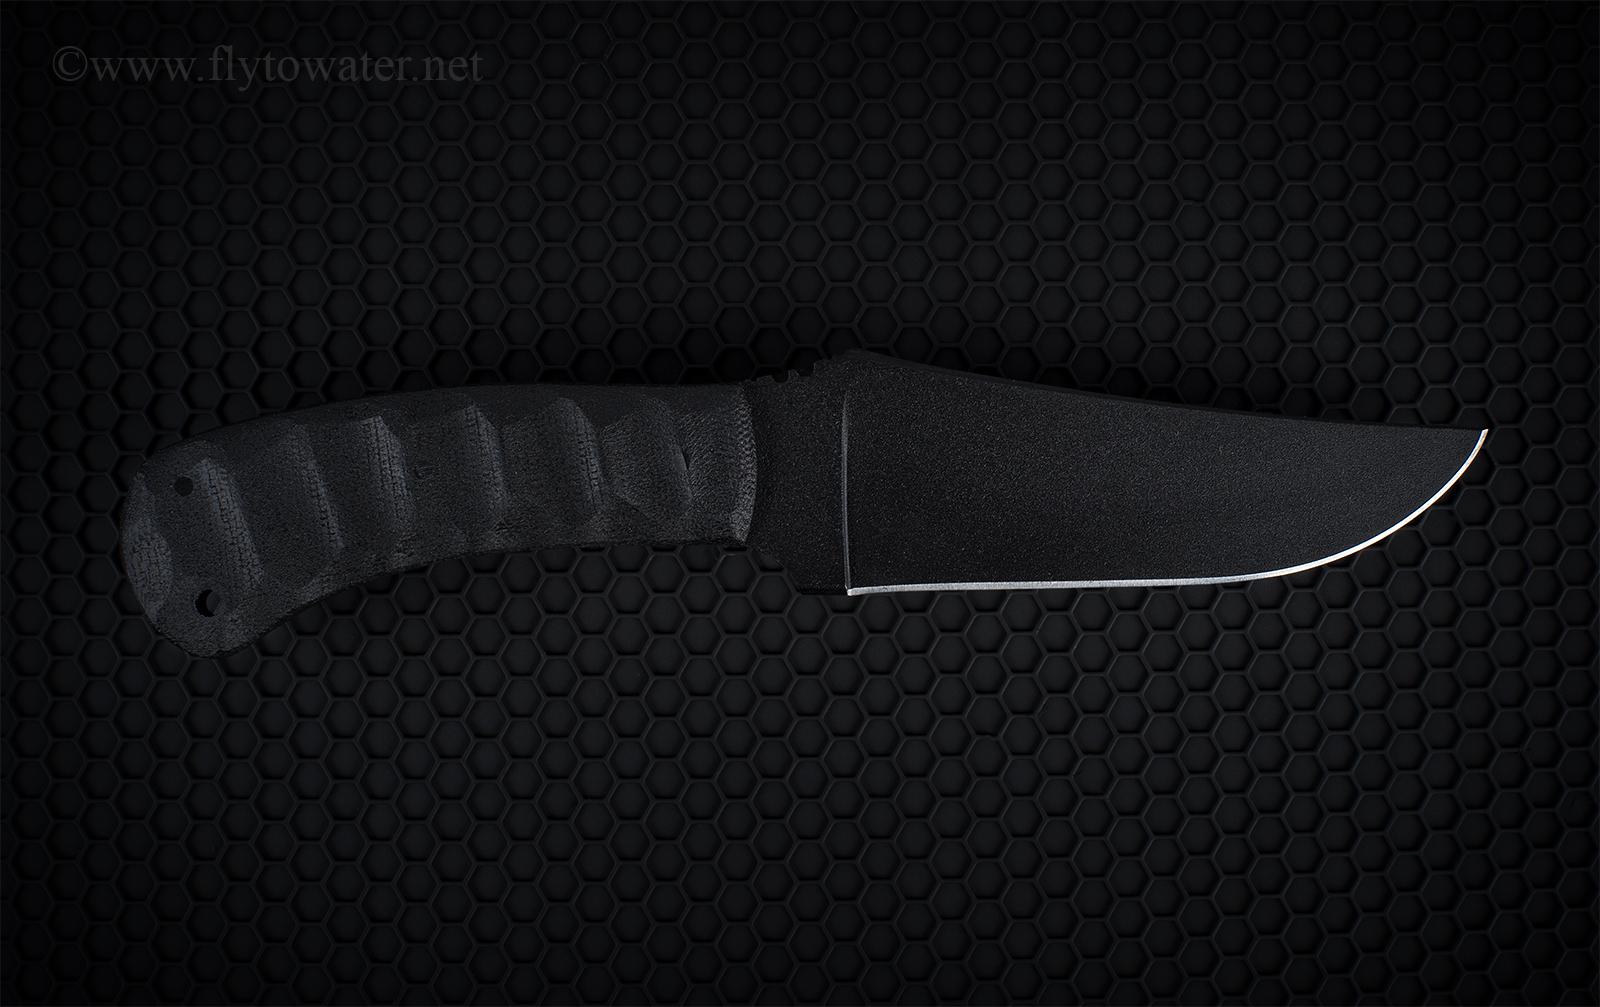 WinklerBeltKnife